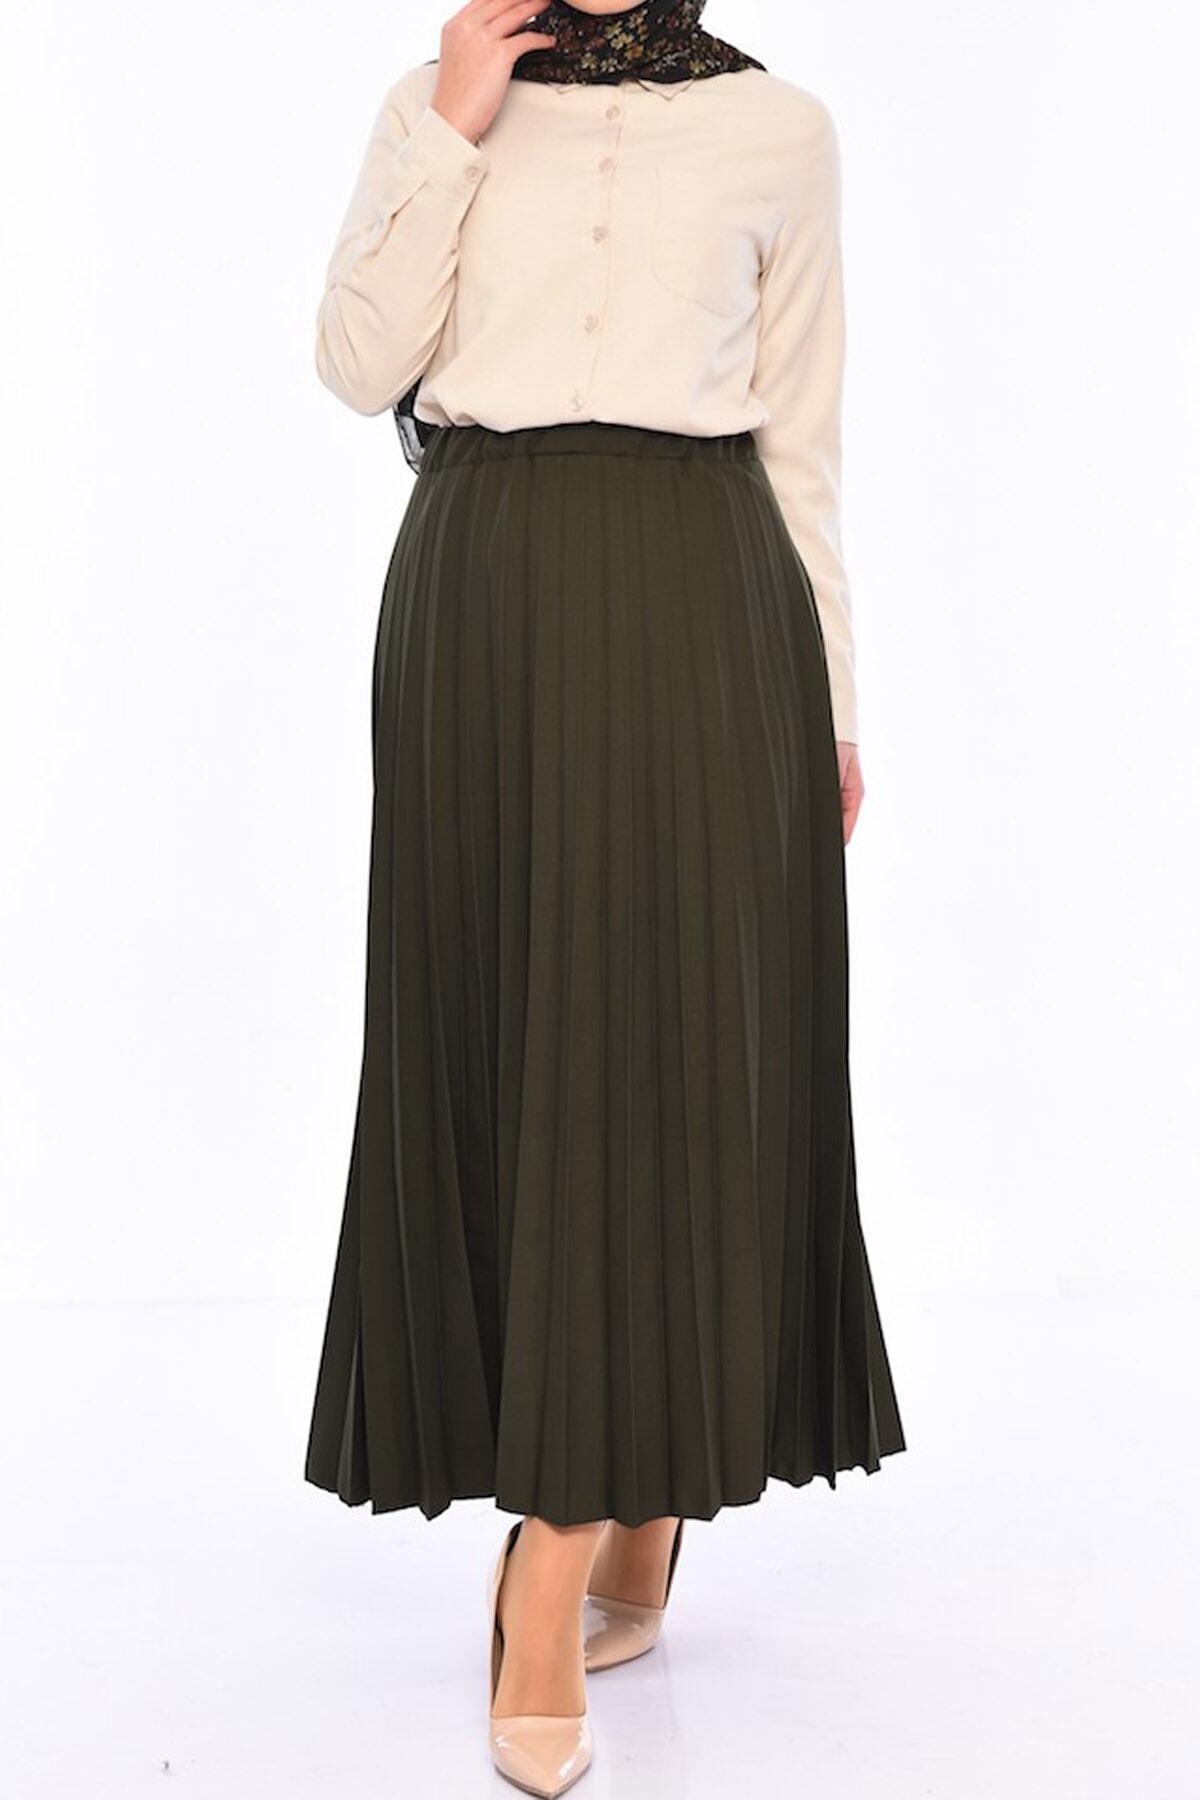 Kadın Yeşil Piliseli Uzun Etek - Me000223